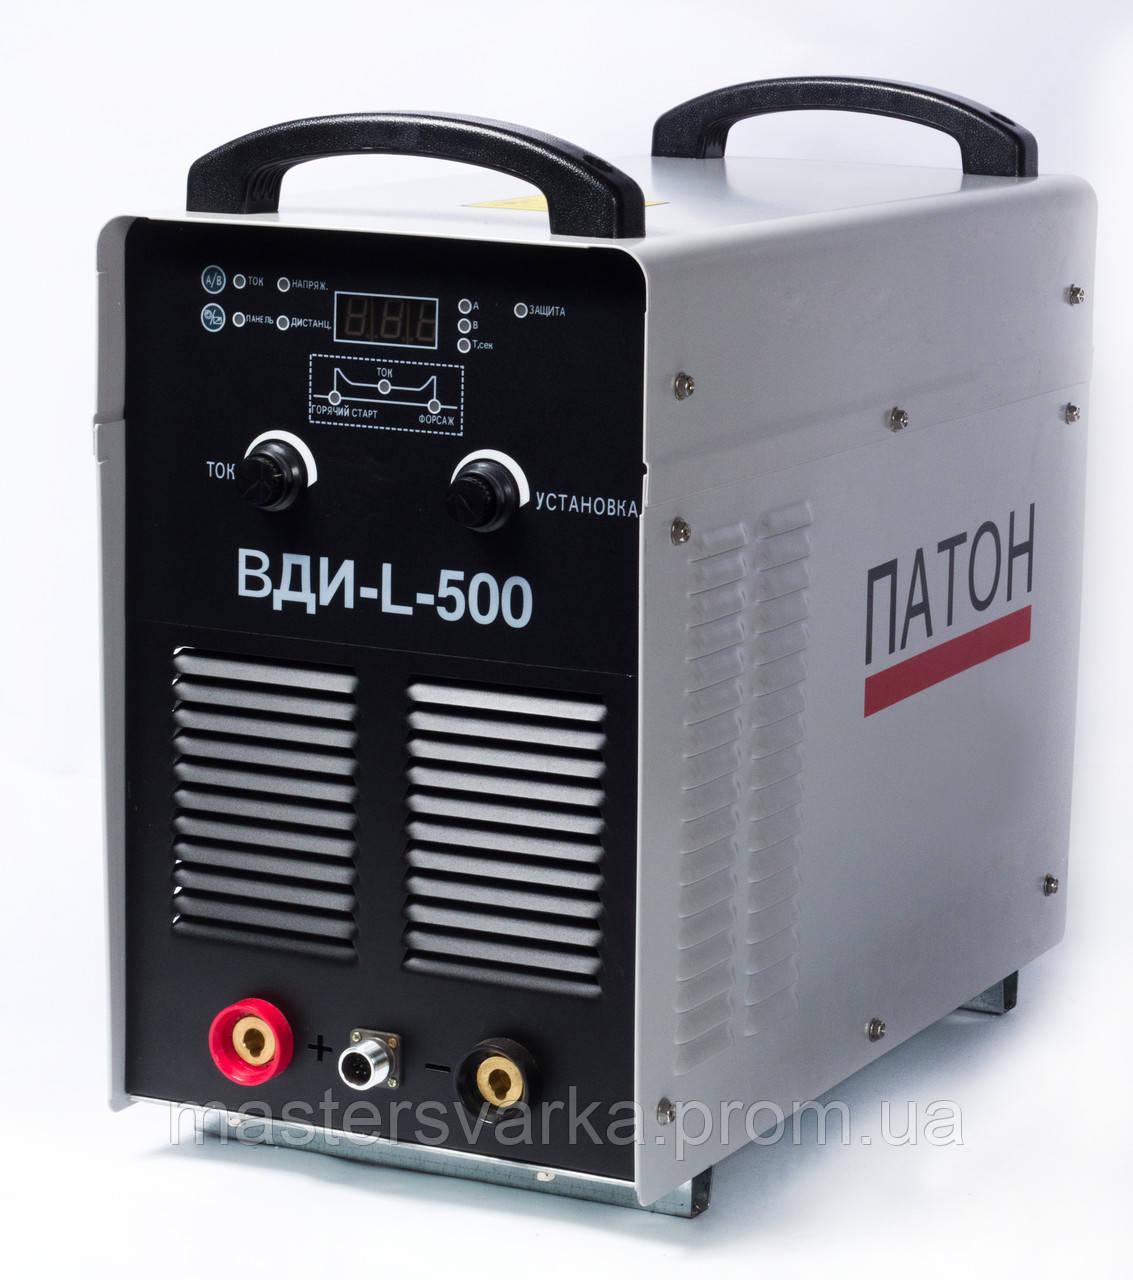 Сварочный инверторный аппарат Патон BДИ-L-500 DC MMA